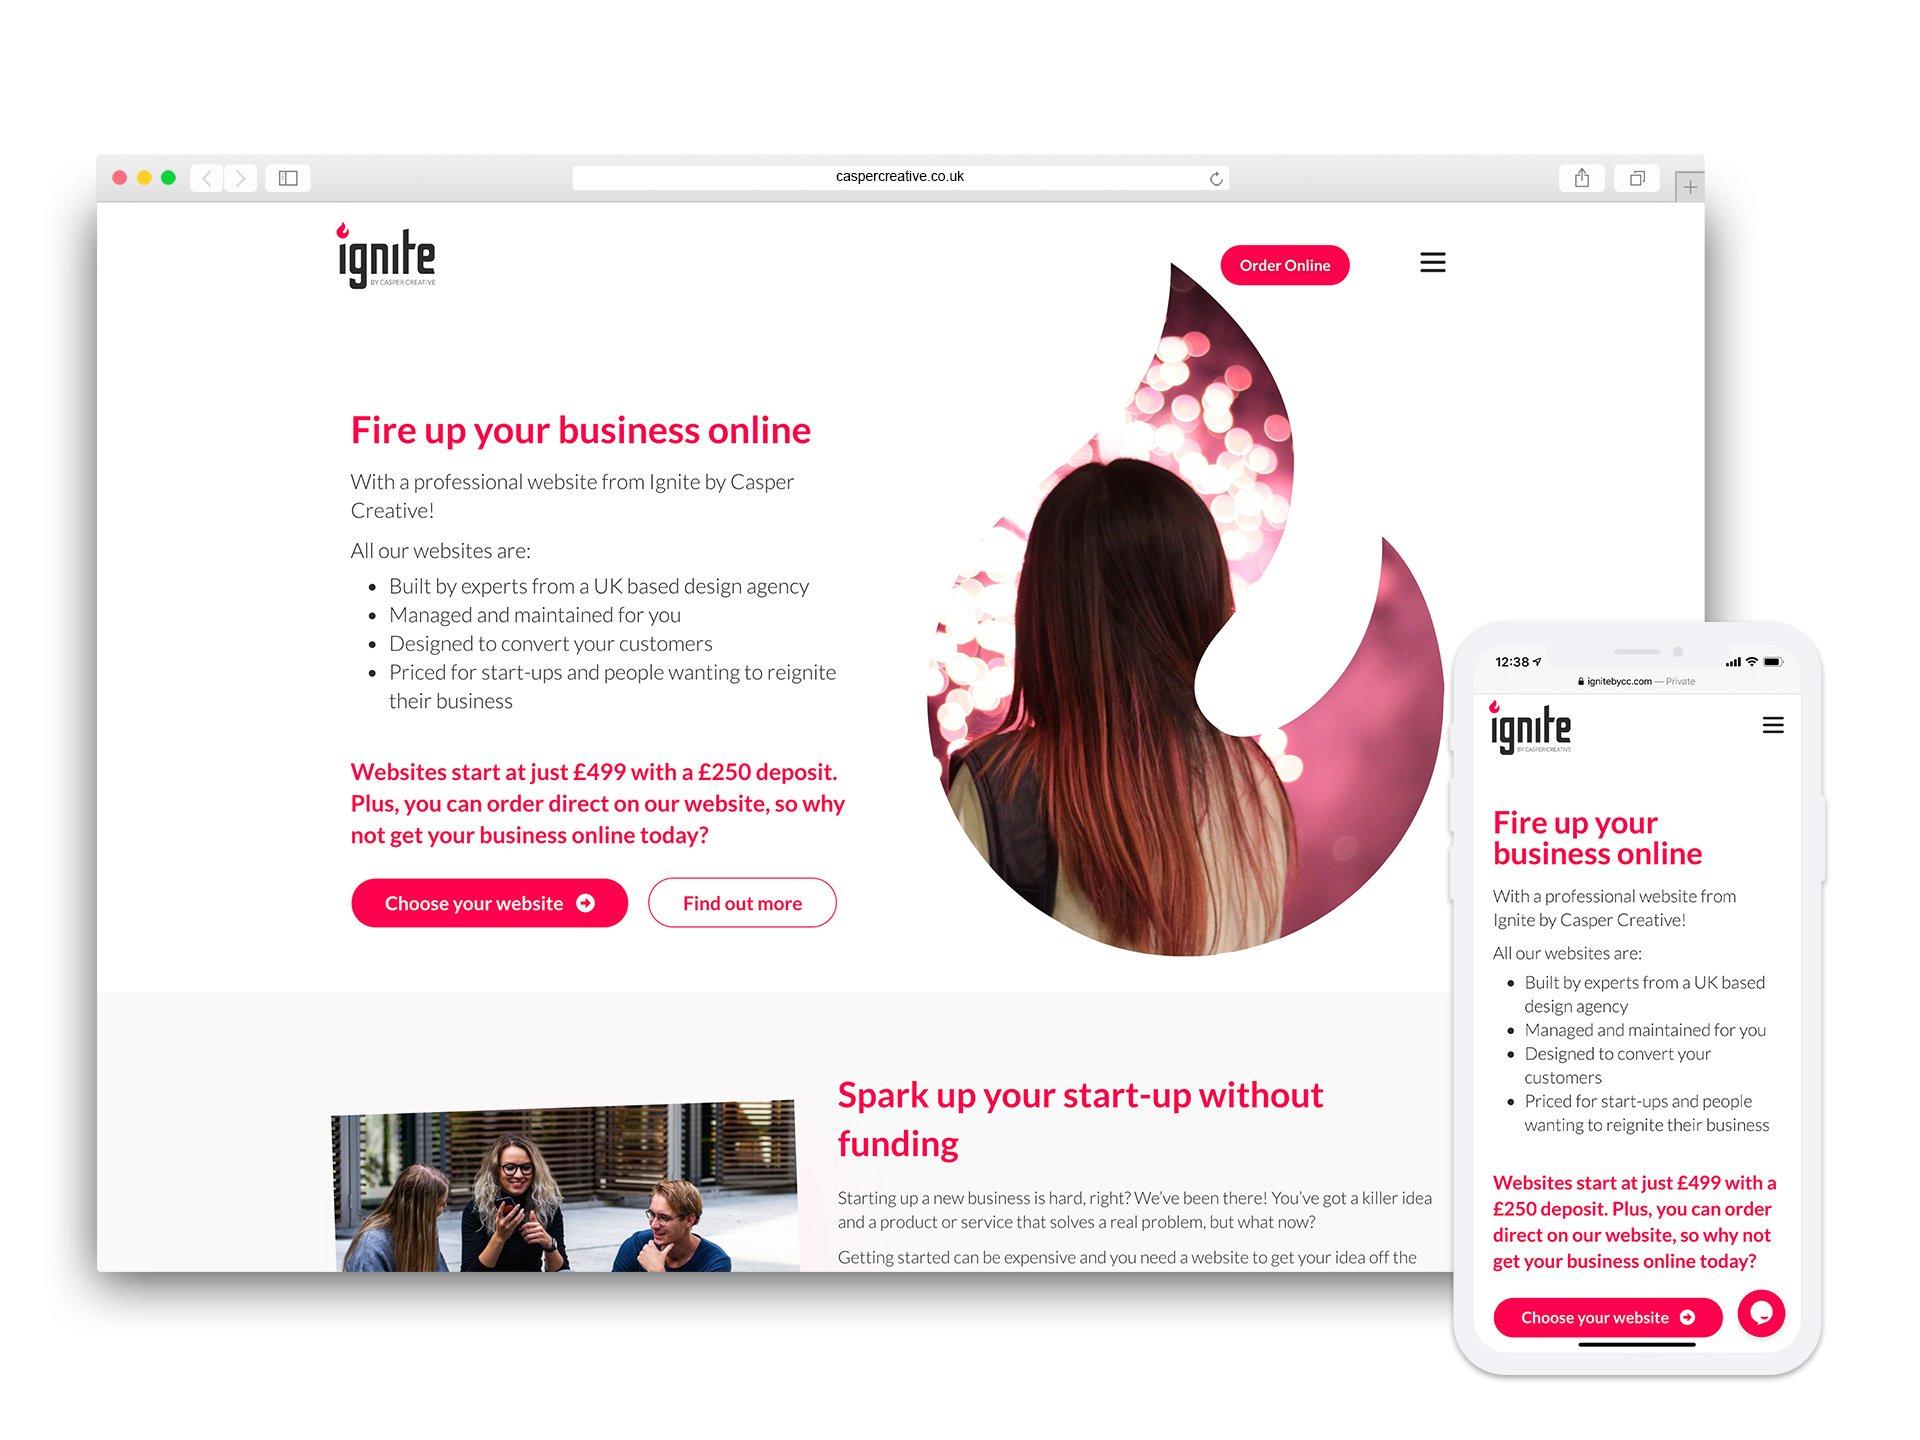 Ignite by Casper Creative Website - Designed and Developed by Casper Creative